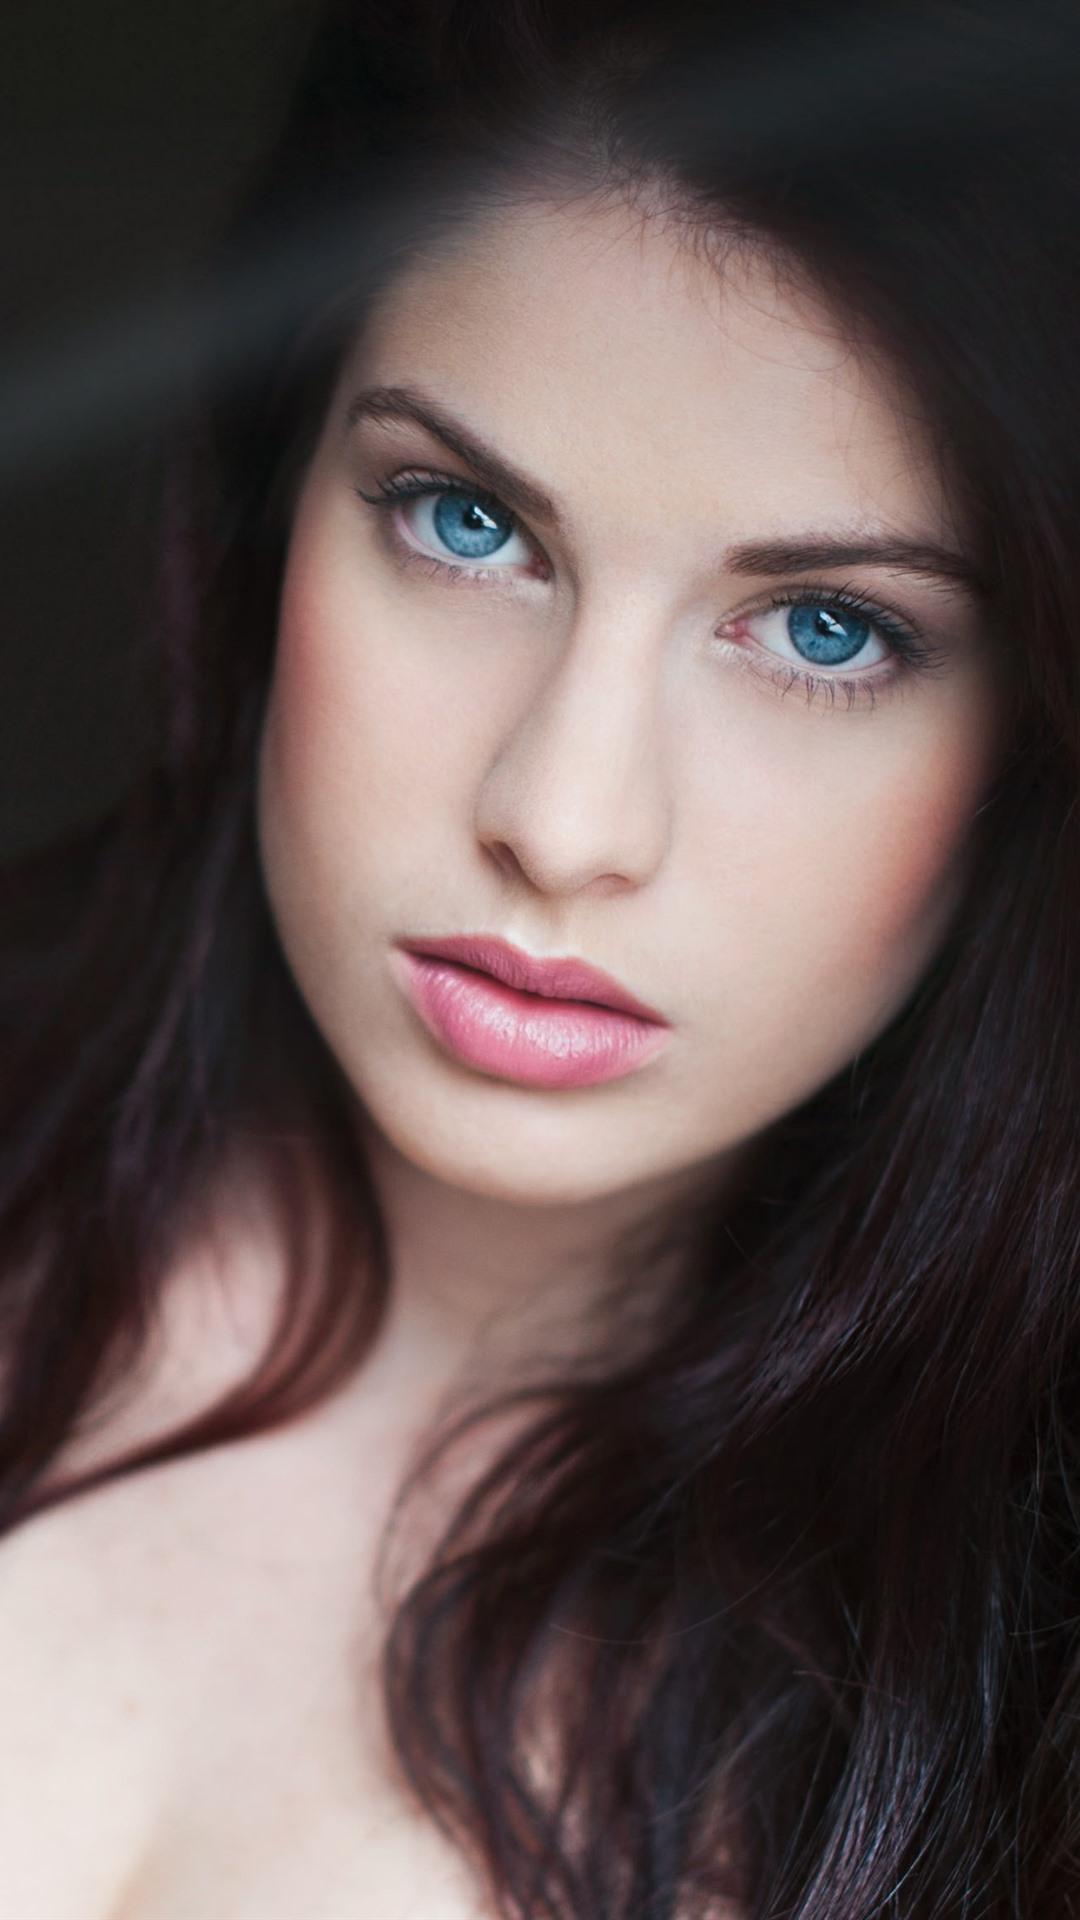 Mädchen mit schwarzen haaren und blauen augen